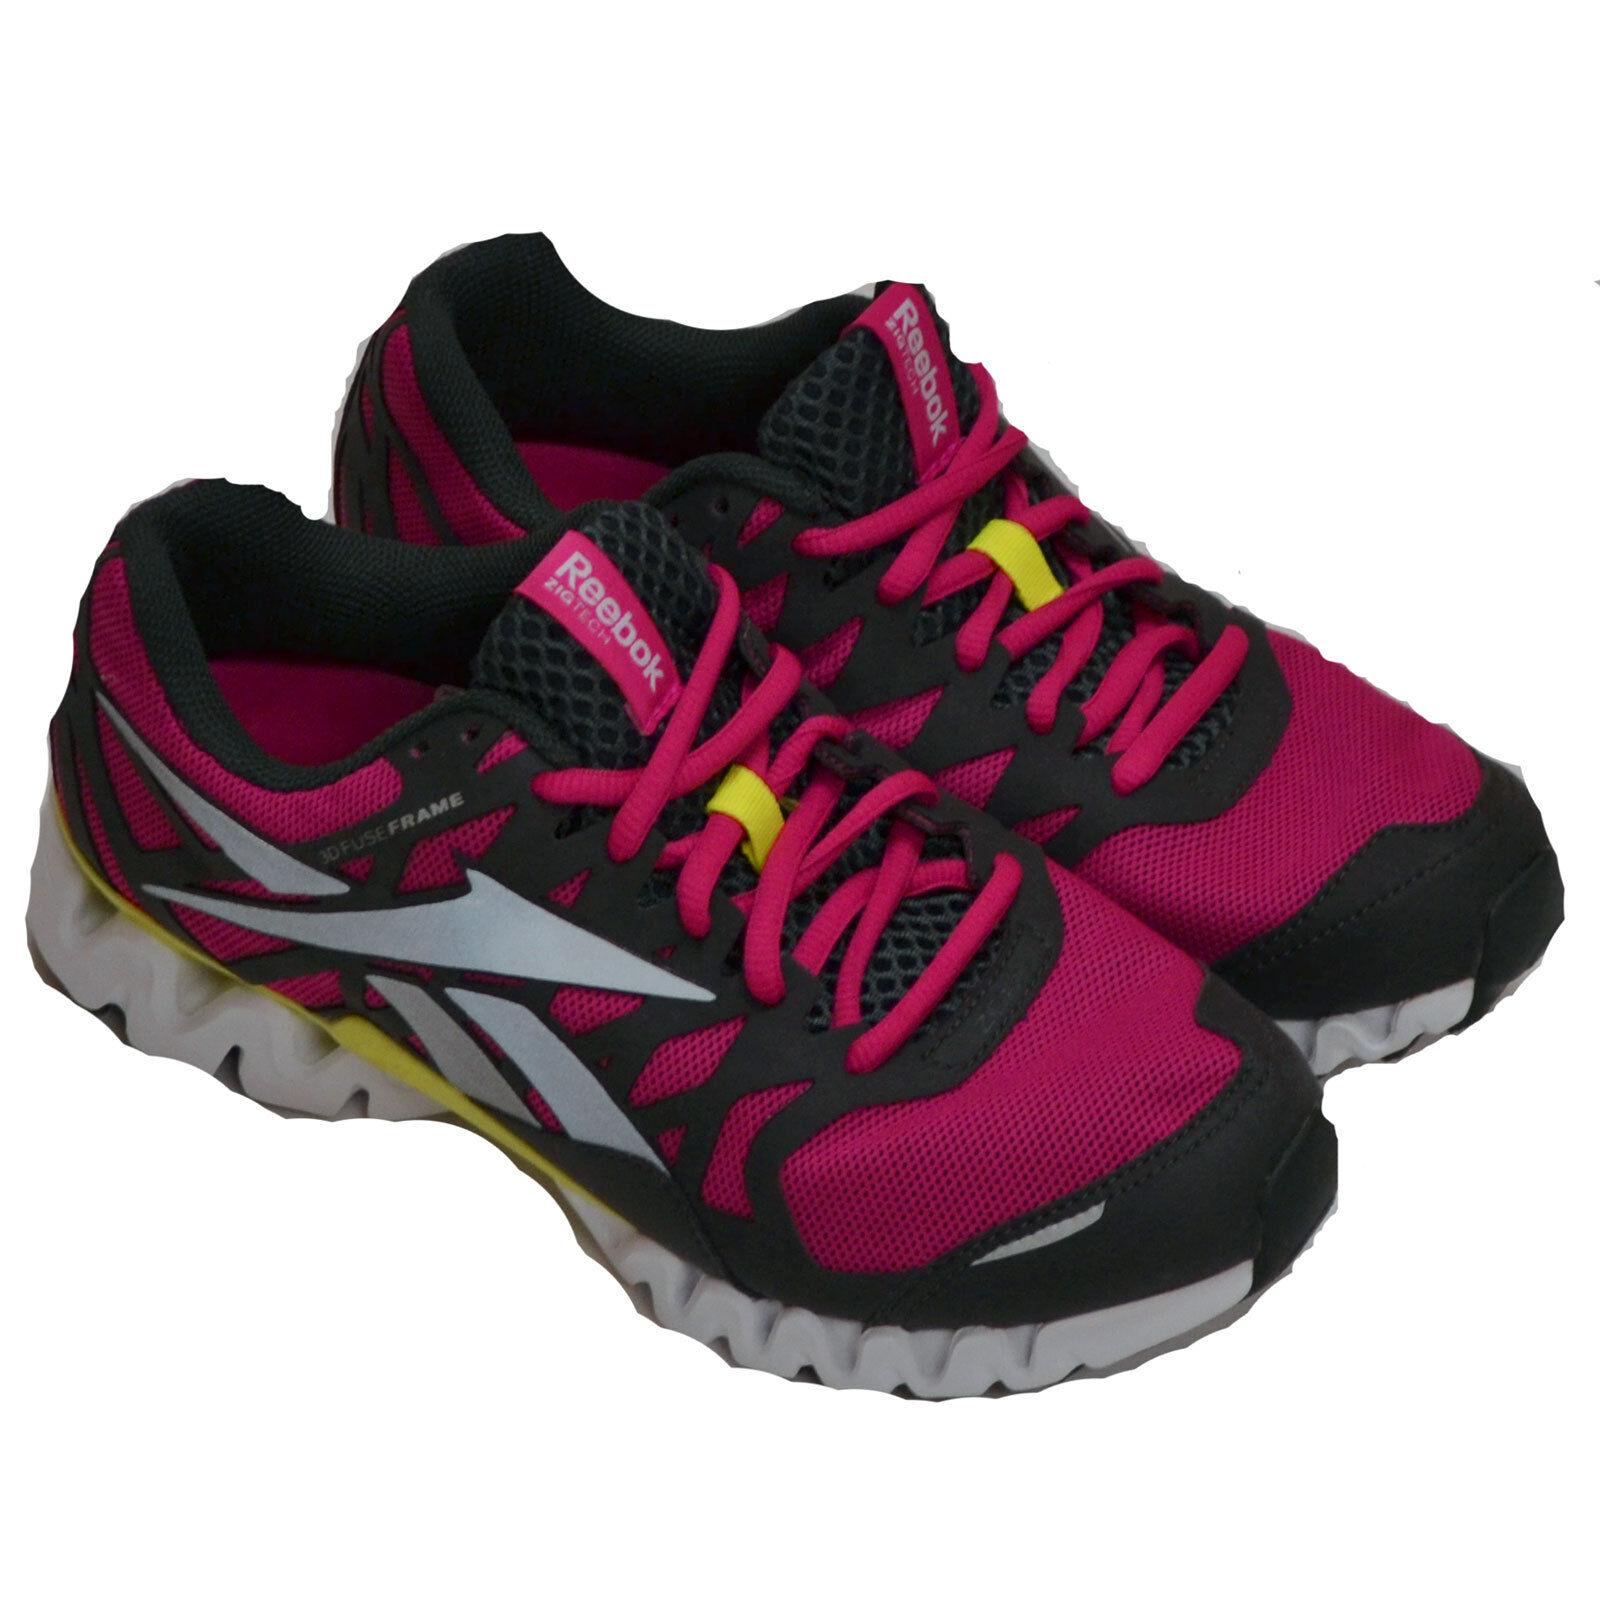 Reebok Running Para Mujer Zapatos Zigtech 3 ex v61915 Lona, medio de formación Zapatillas